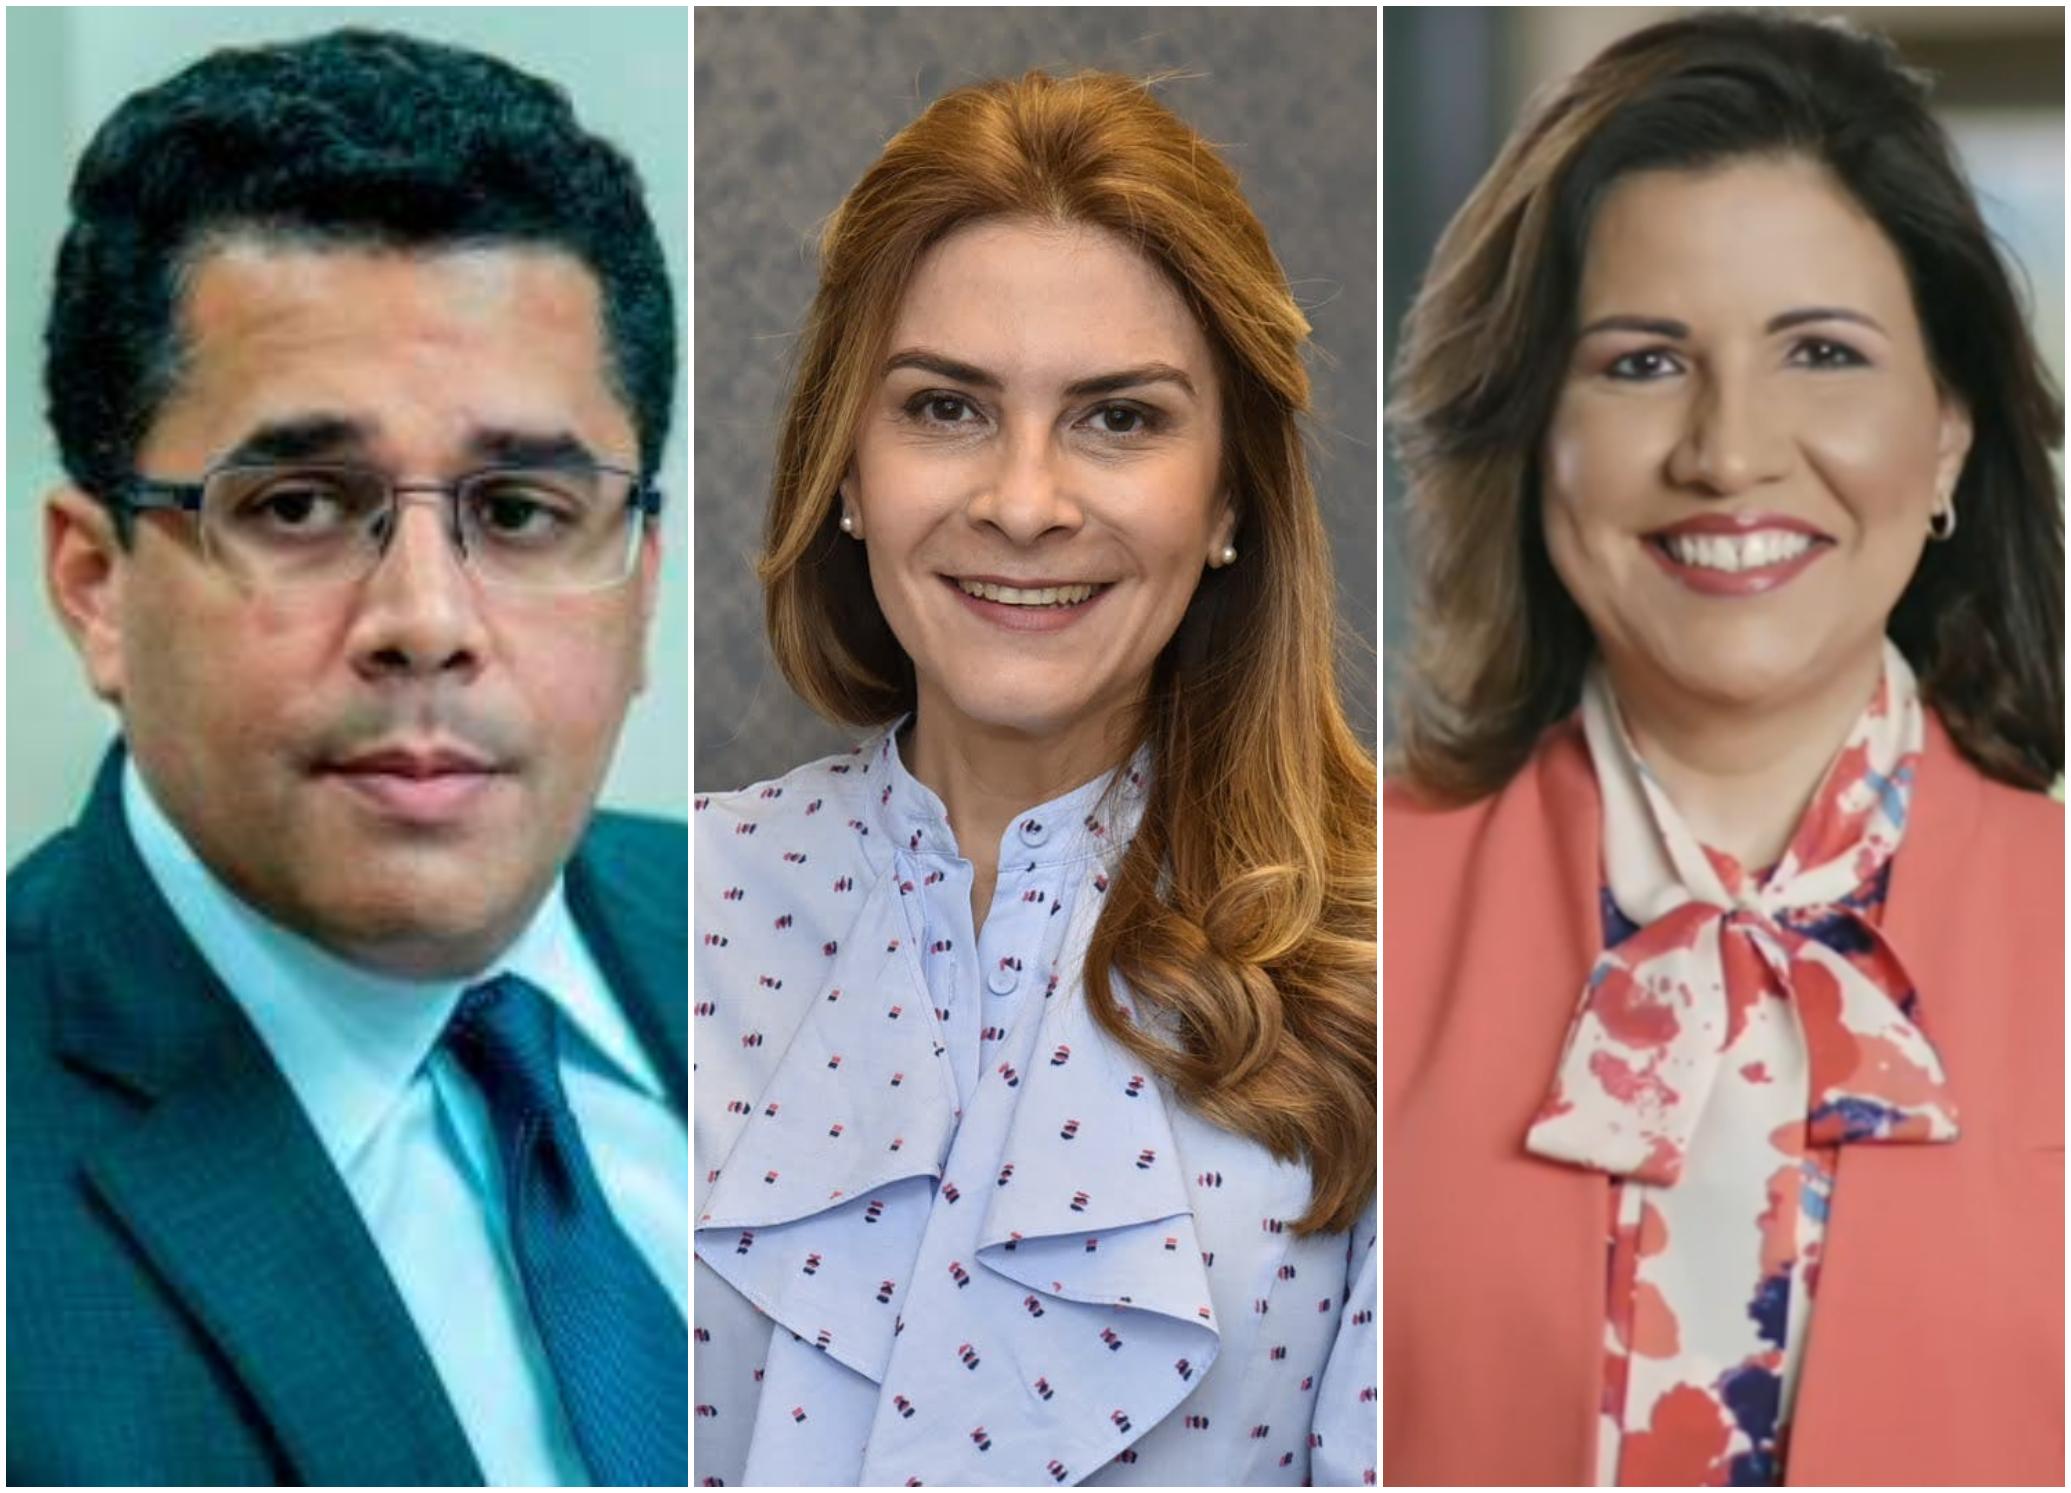 David Collado, Carolina Mejía y Margarita Cedeño, los políticos con mayor favorabilidad